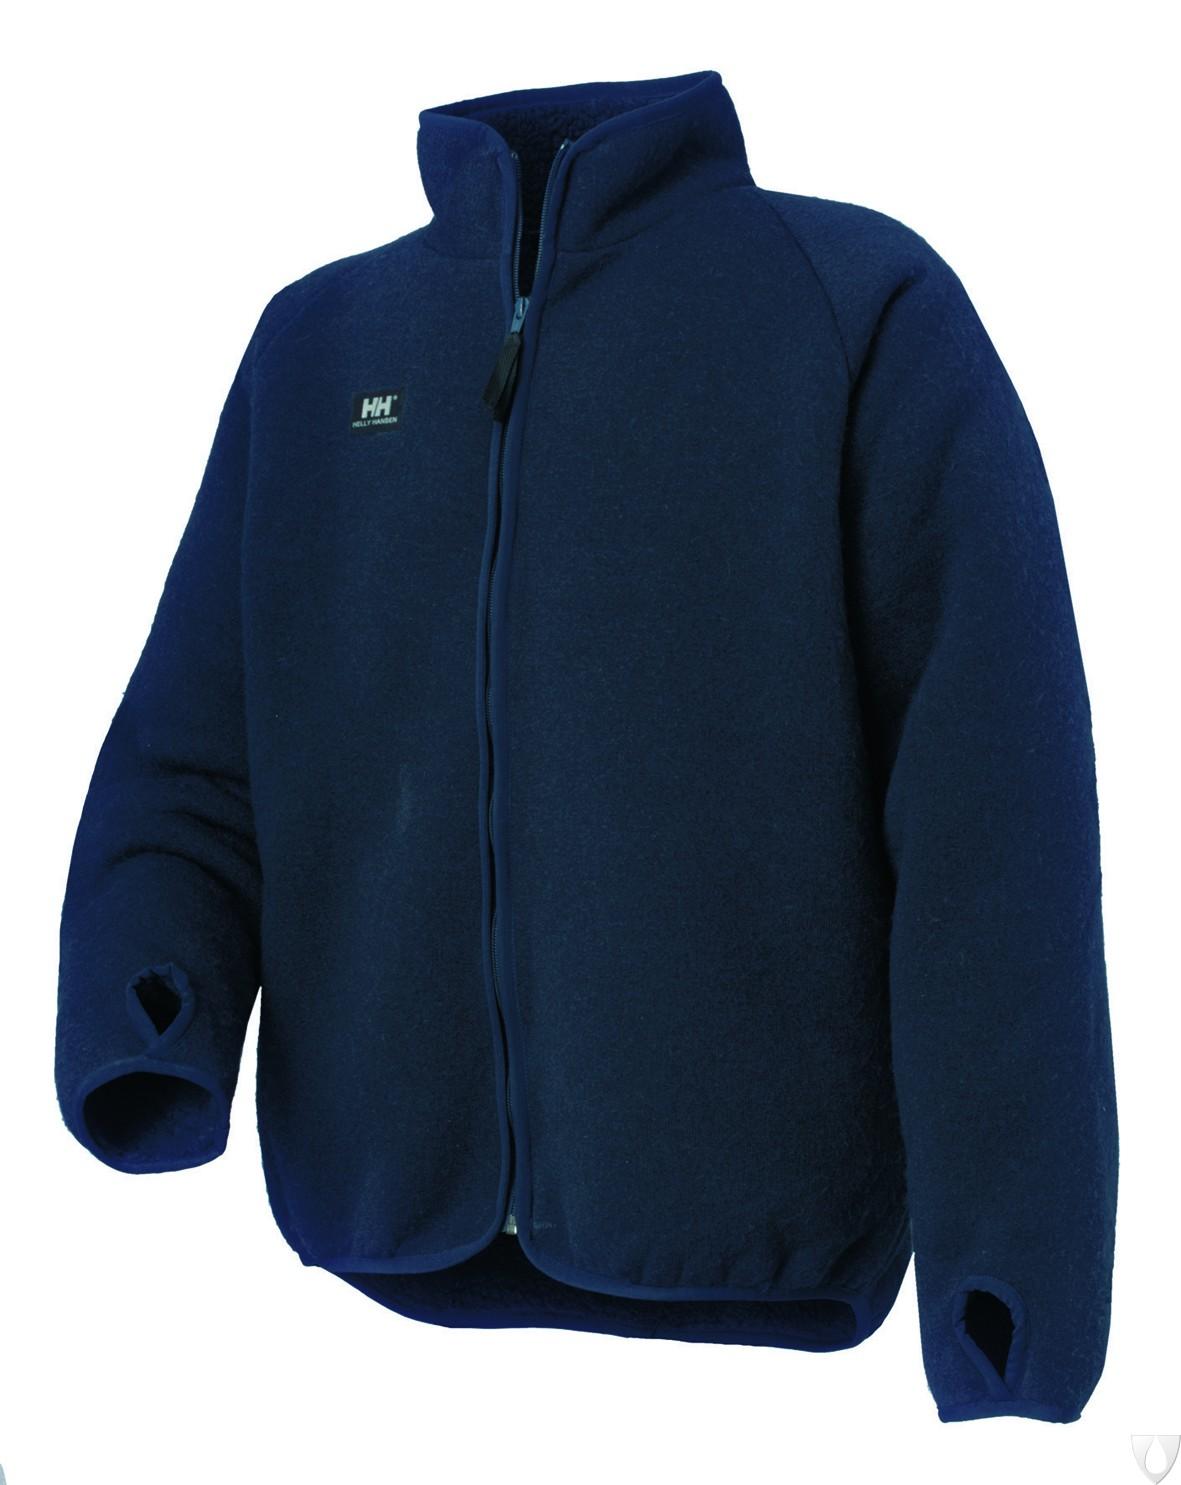 Helly Hansen Liestal Jacket 72289